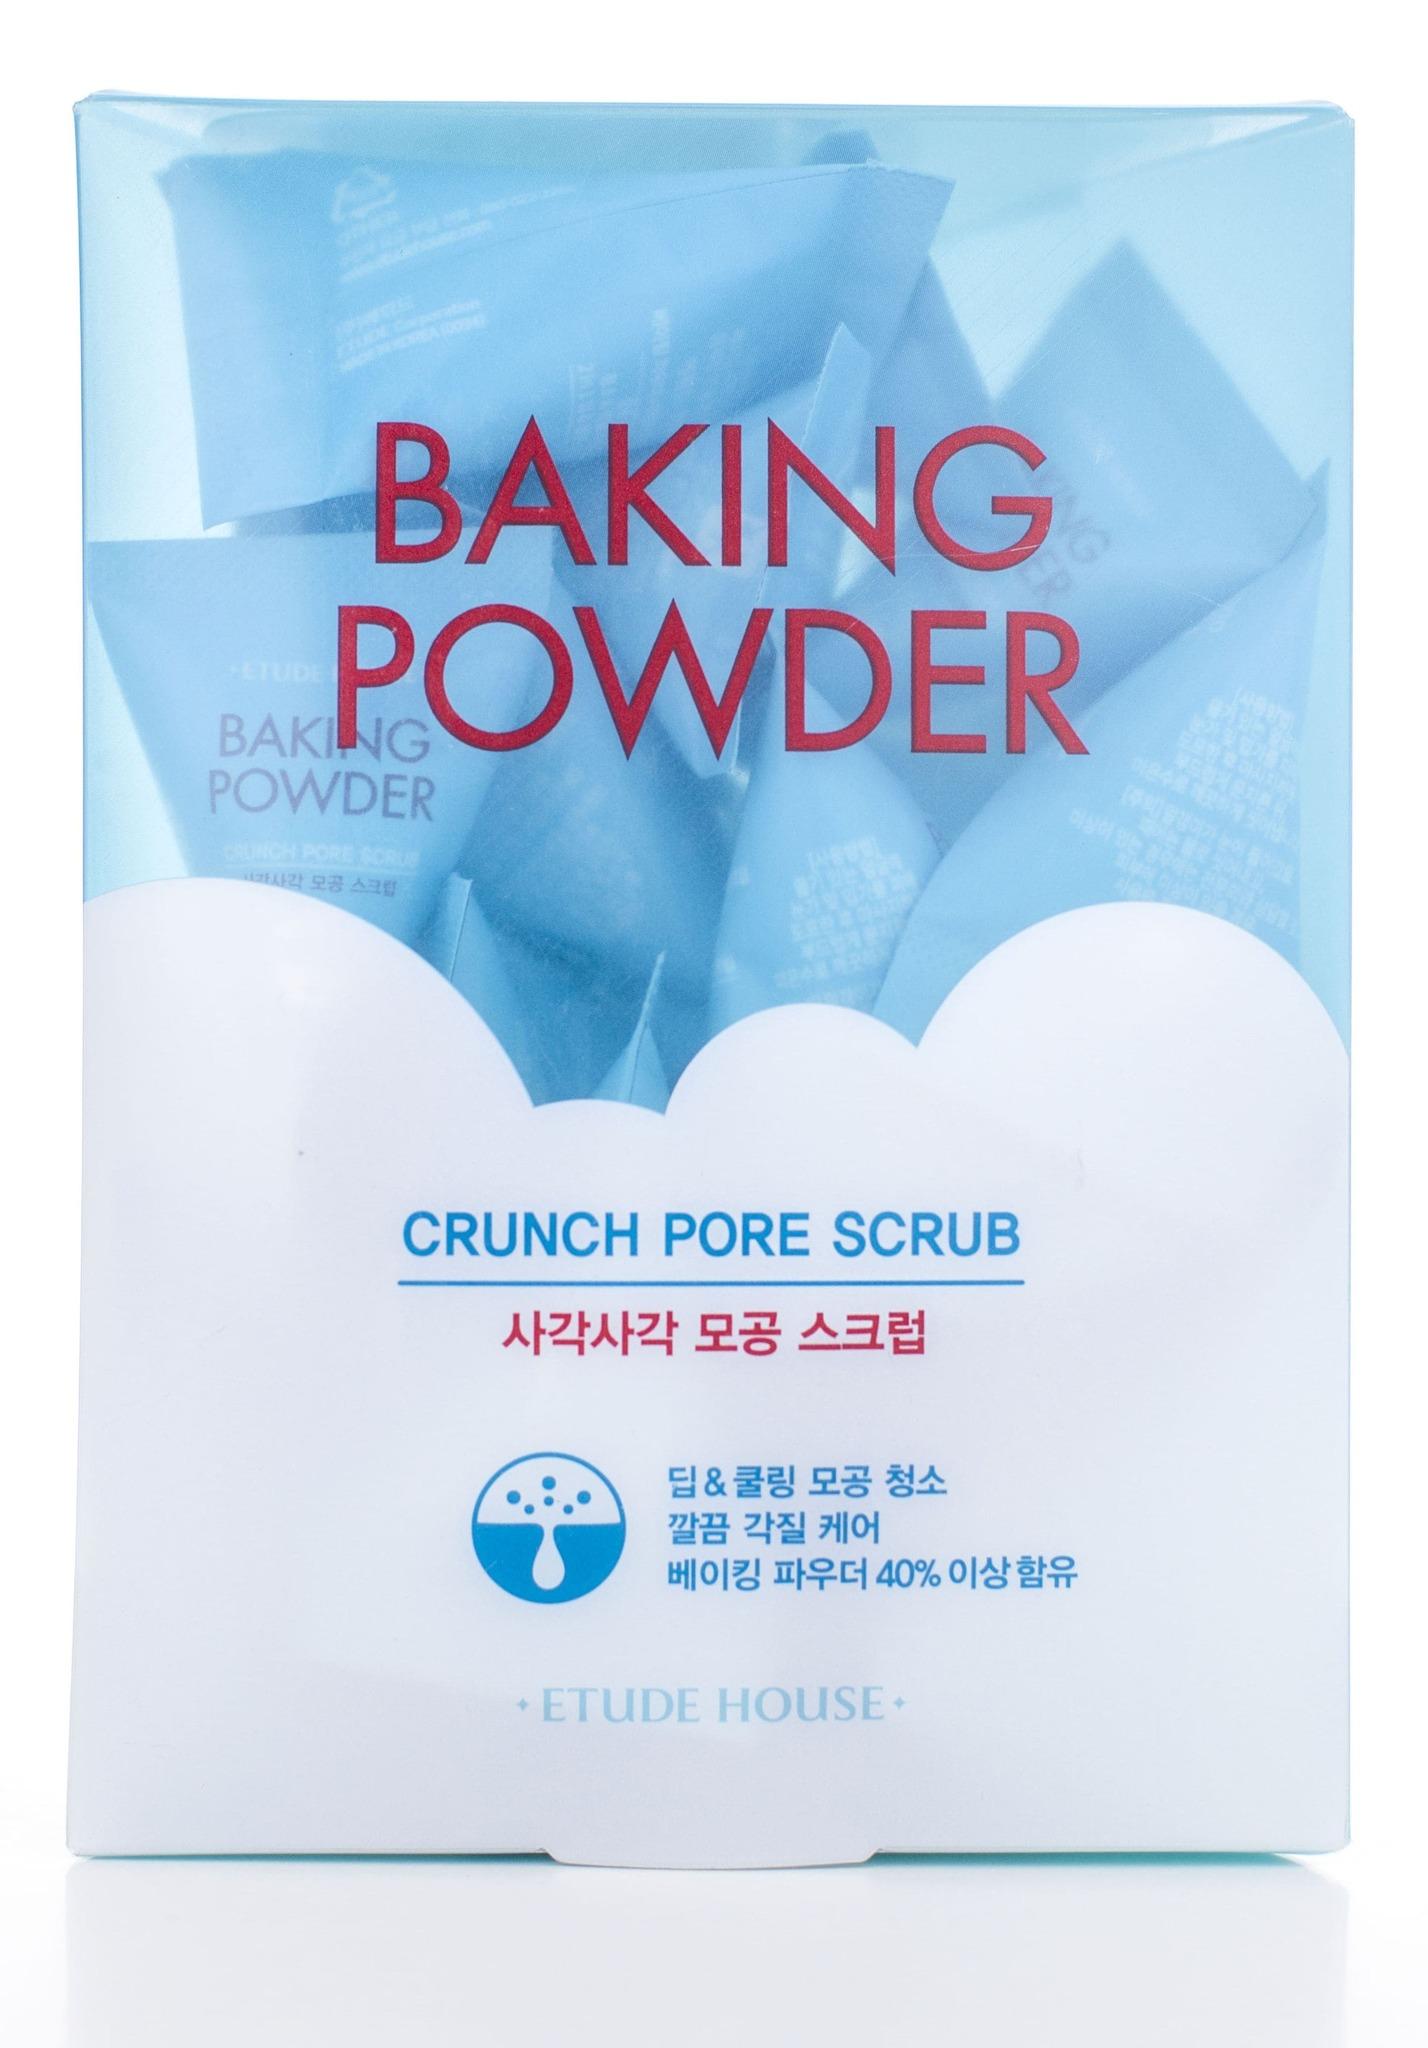 Мягкий скраб для очищения кожи лица с содой - Etude House Baking Powder Crunch Pore Scrub